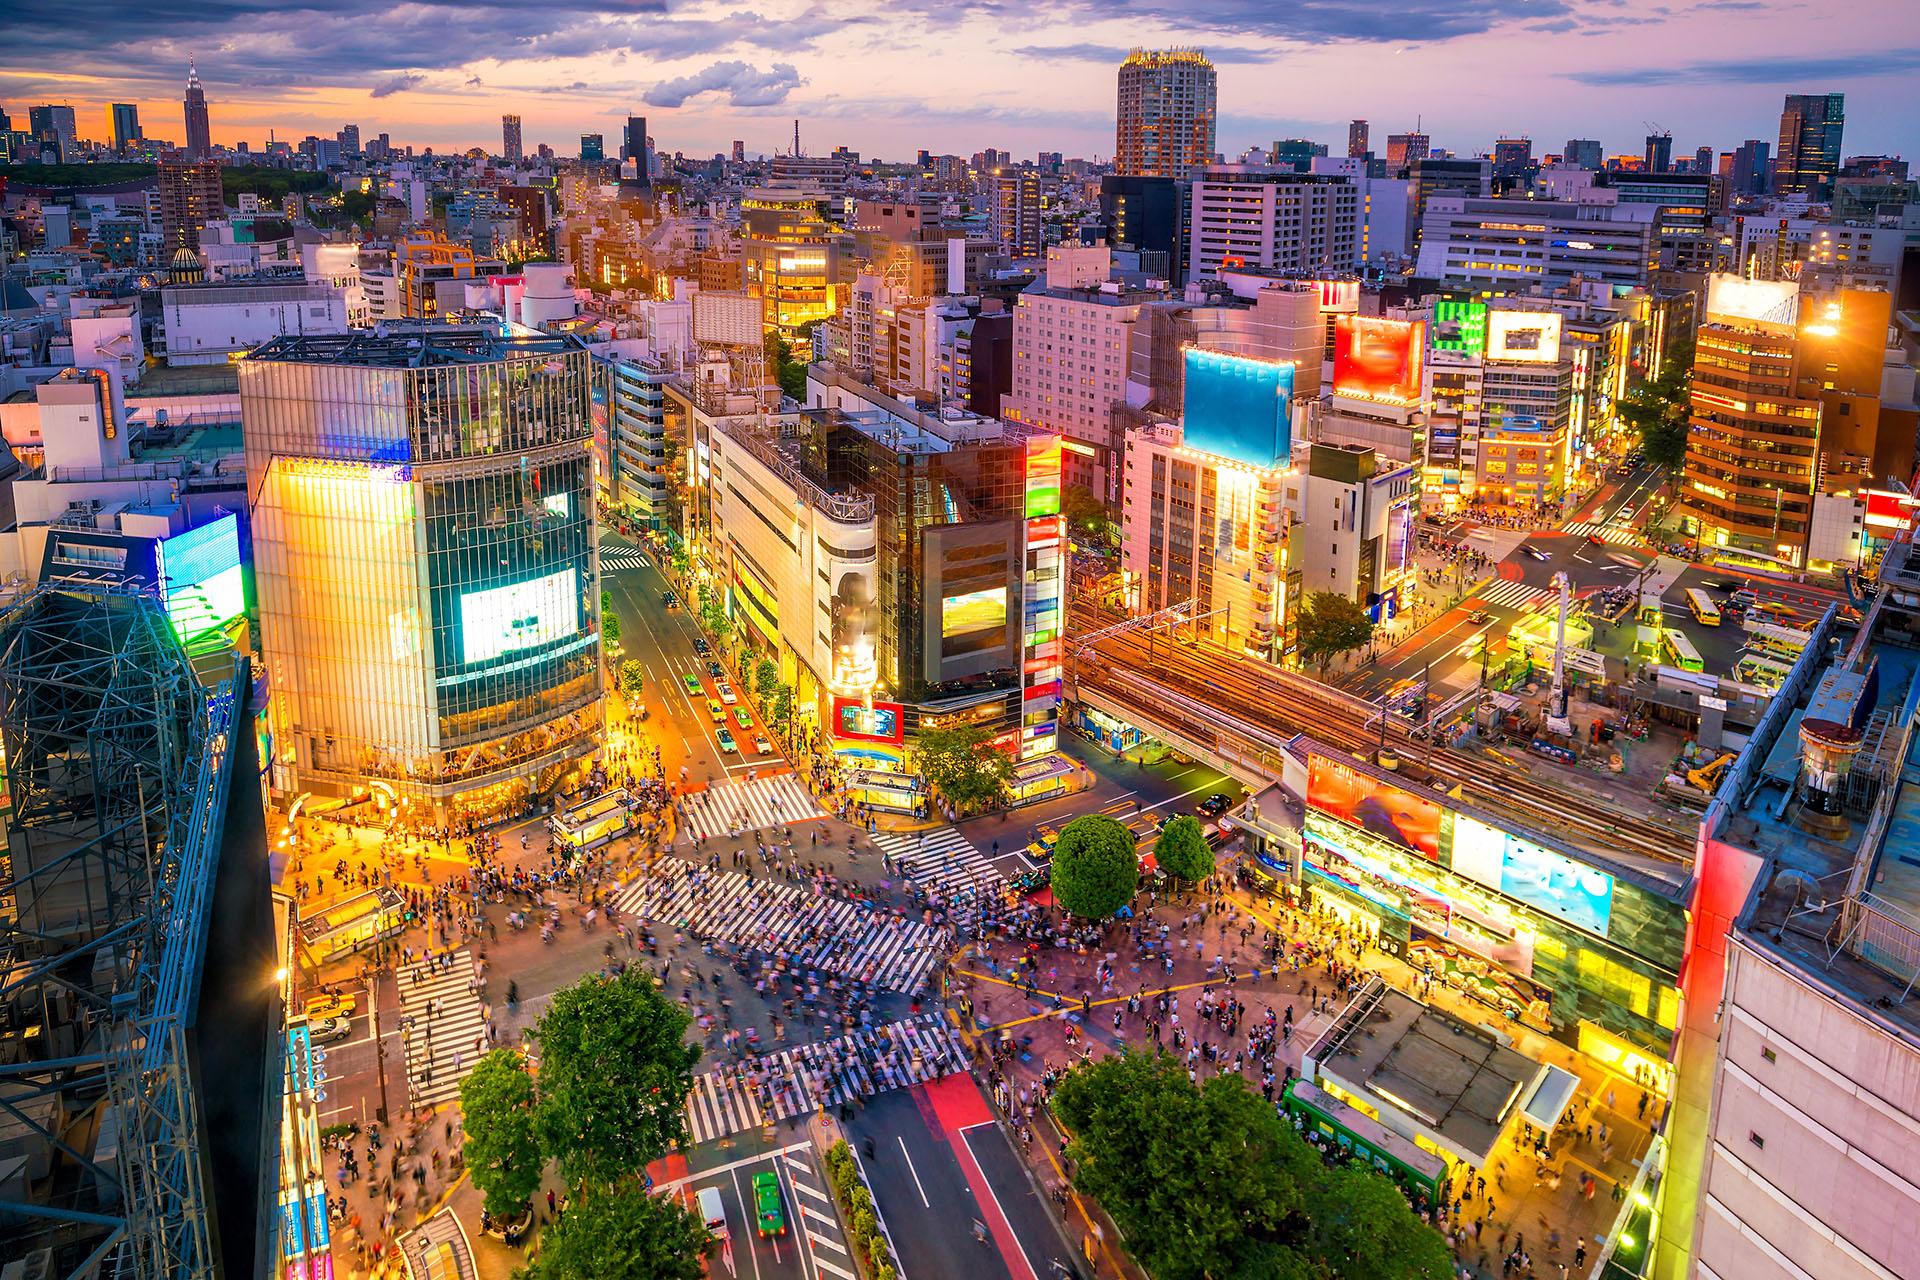 La calidad de vida de la capital nipona es una de las más valoradas tanto por sus habitantes como por los extranjeros quese radican allí